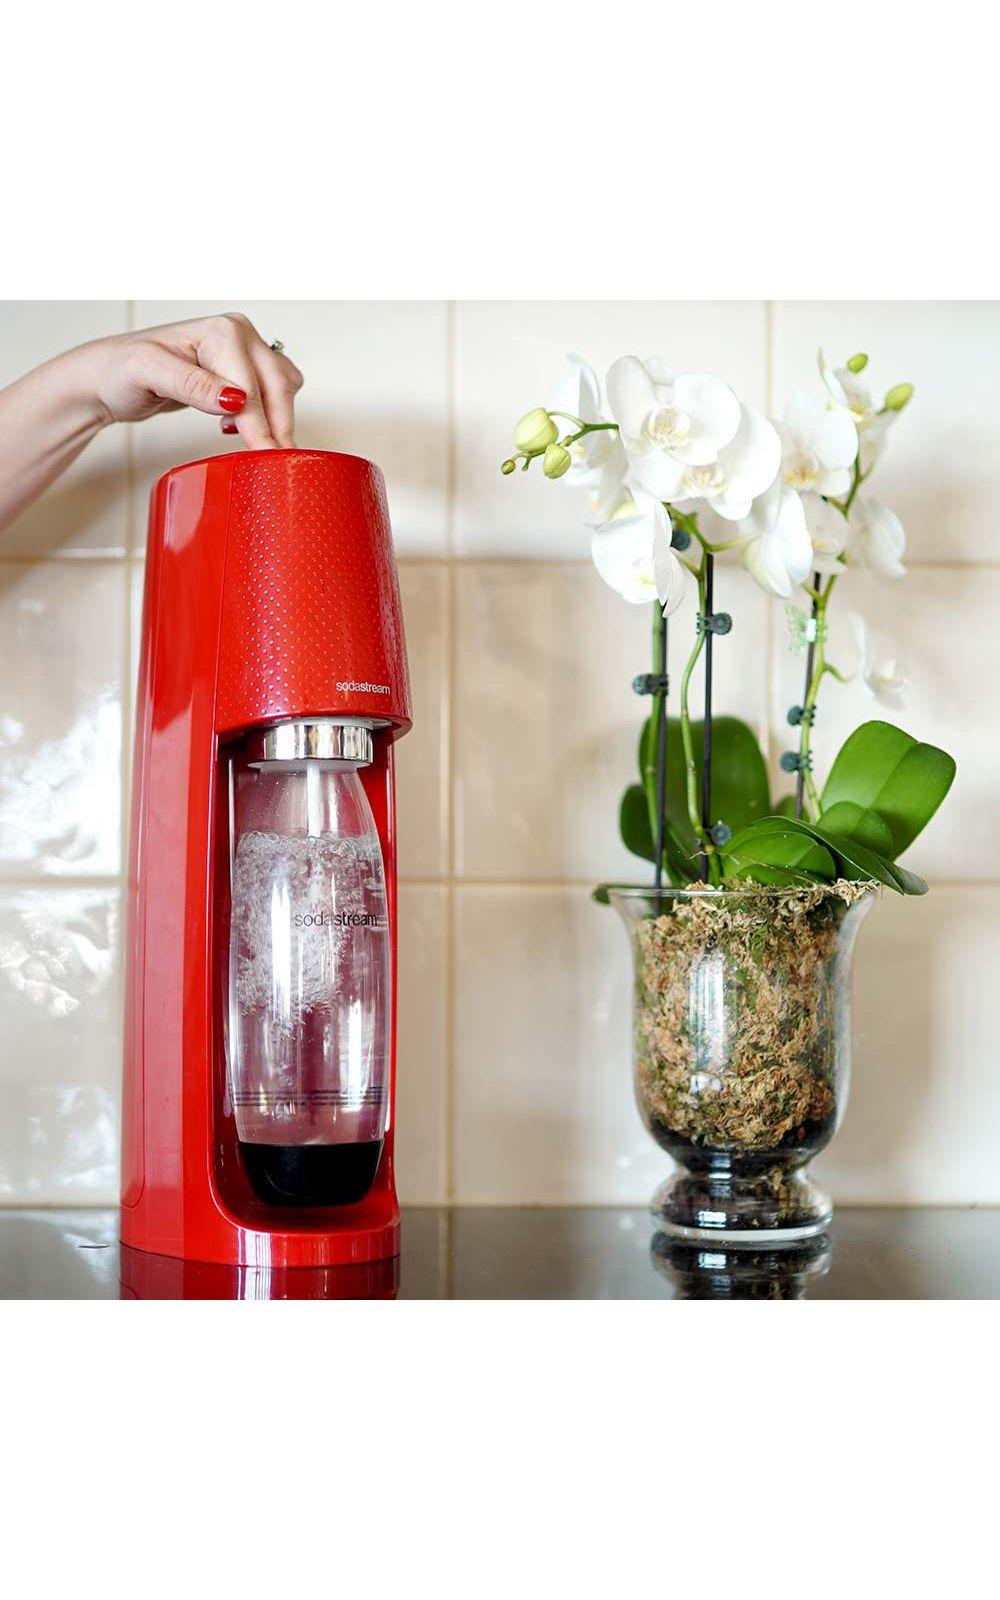 Foto 4 - Máquina para Gaseificar Água Fizzi Sodastream Vermelho